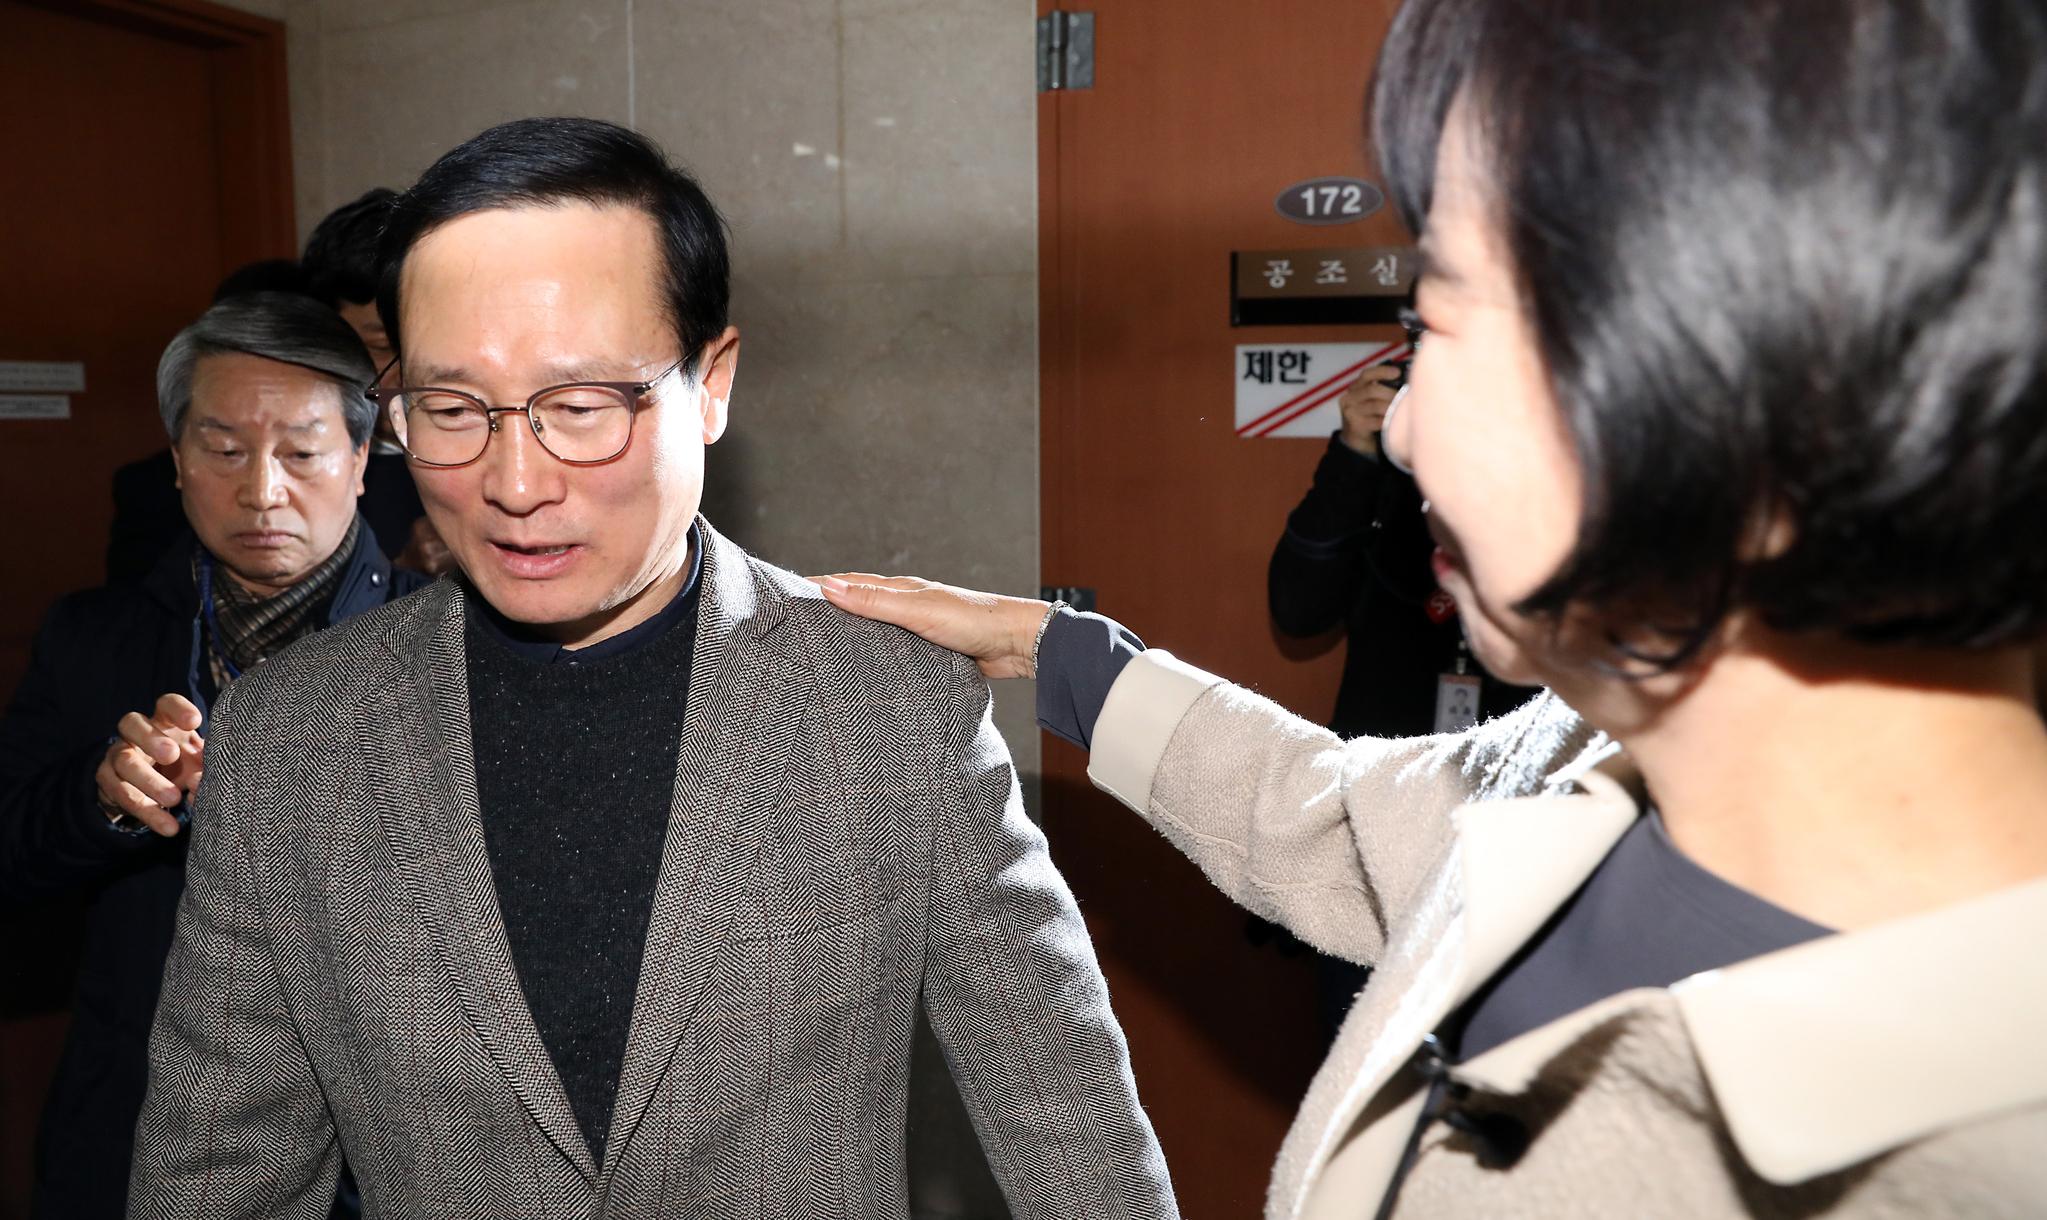 목포 부동산 투기 의혹을 받고 있는 더불어민주당 손혜원 의원(오른쪽)이 지난 1월 서울 여의도 국회 정론관에서 기자회견을 가진뒤 홍영표 원내대표의 어깨를 만지며 위로하고 있다. [뉴시스]